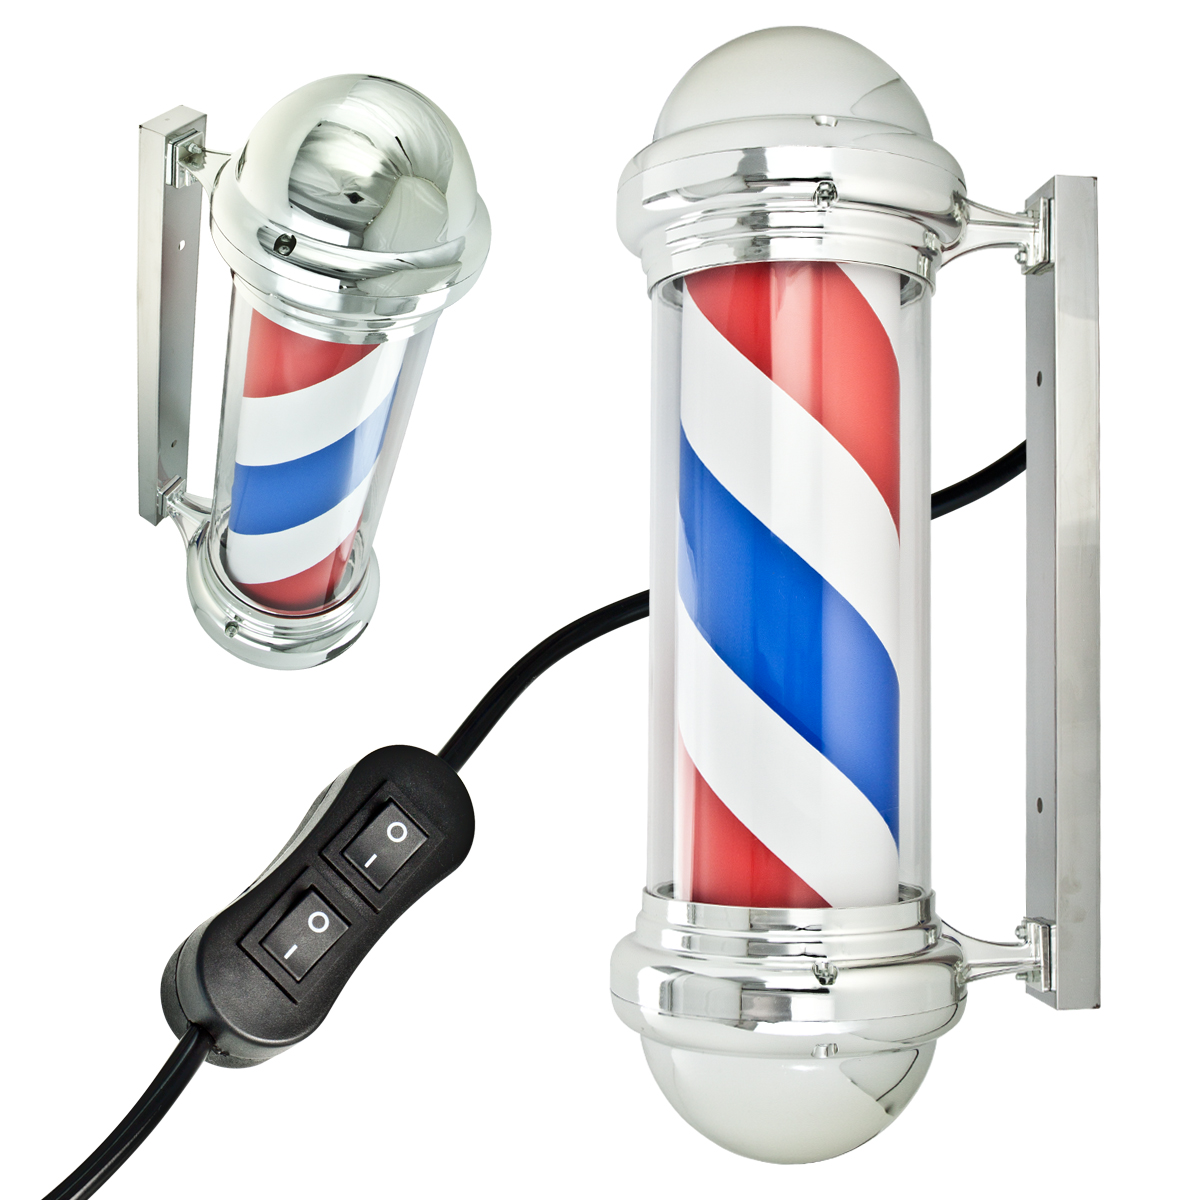 30 barber pole light rotating red white blue stripes metal. Black Bedroom Furniture Sets. Home Design Ideas